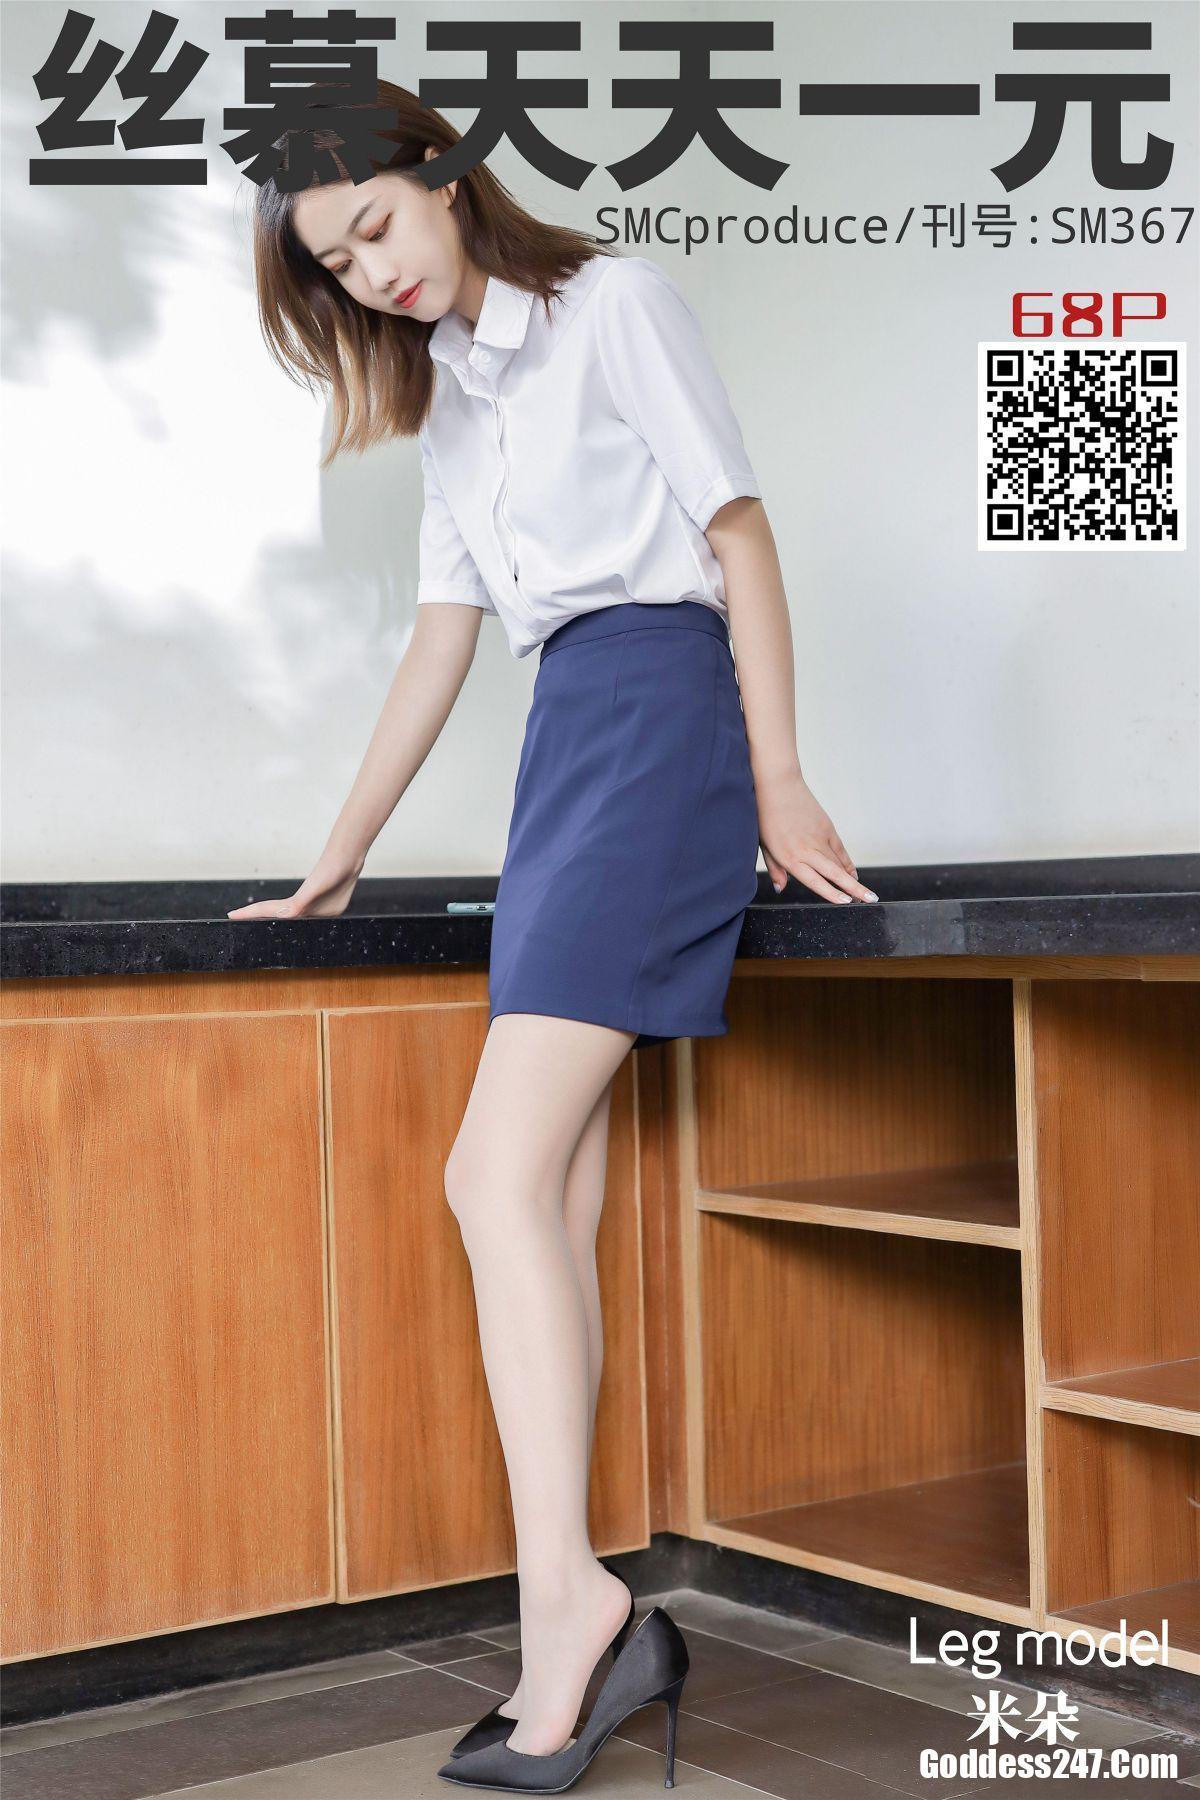 丝慕写真 SM367 Mido